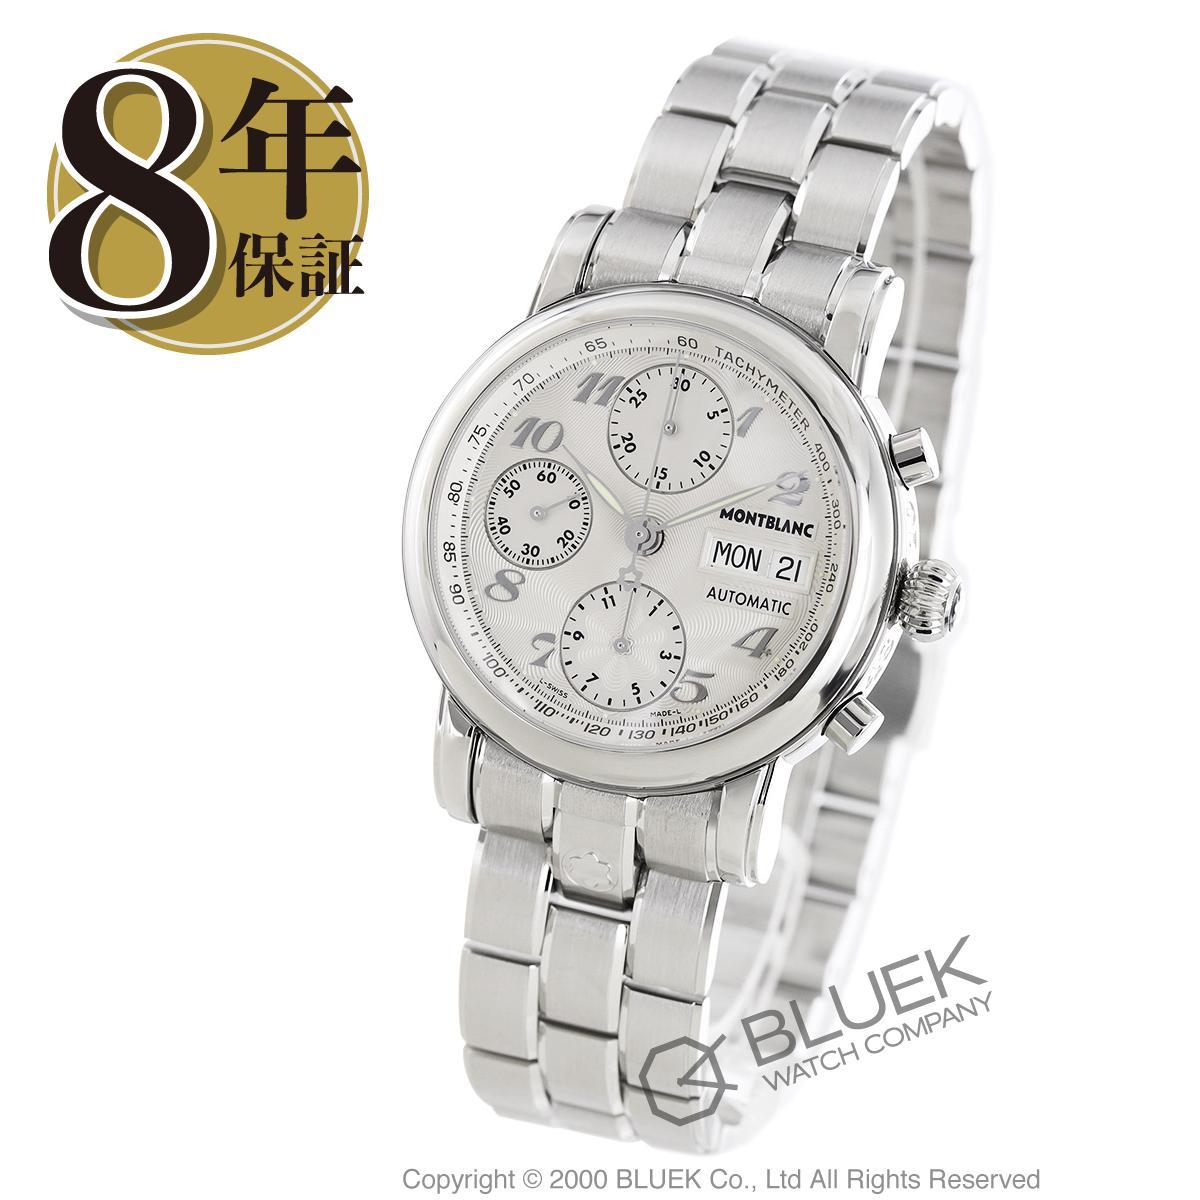 モンブラン スター クロノグラフ 腕時計 メンズ MONTBLANC 5222_8